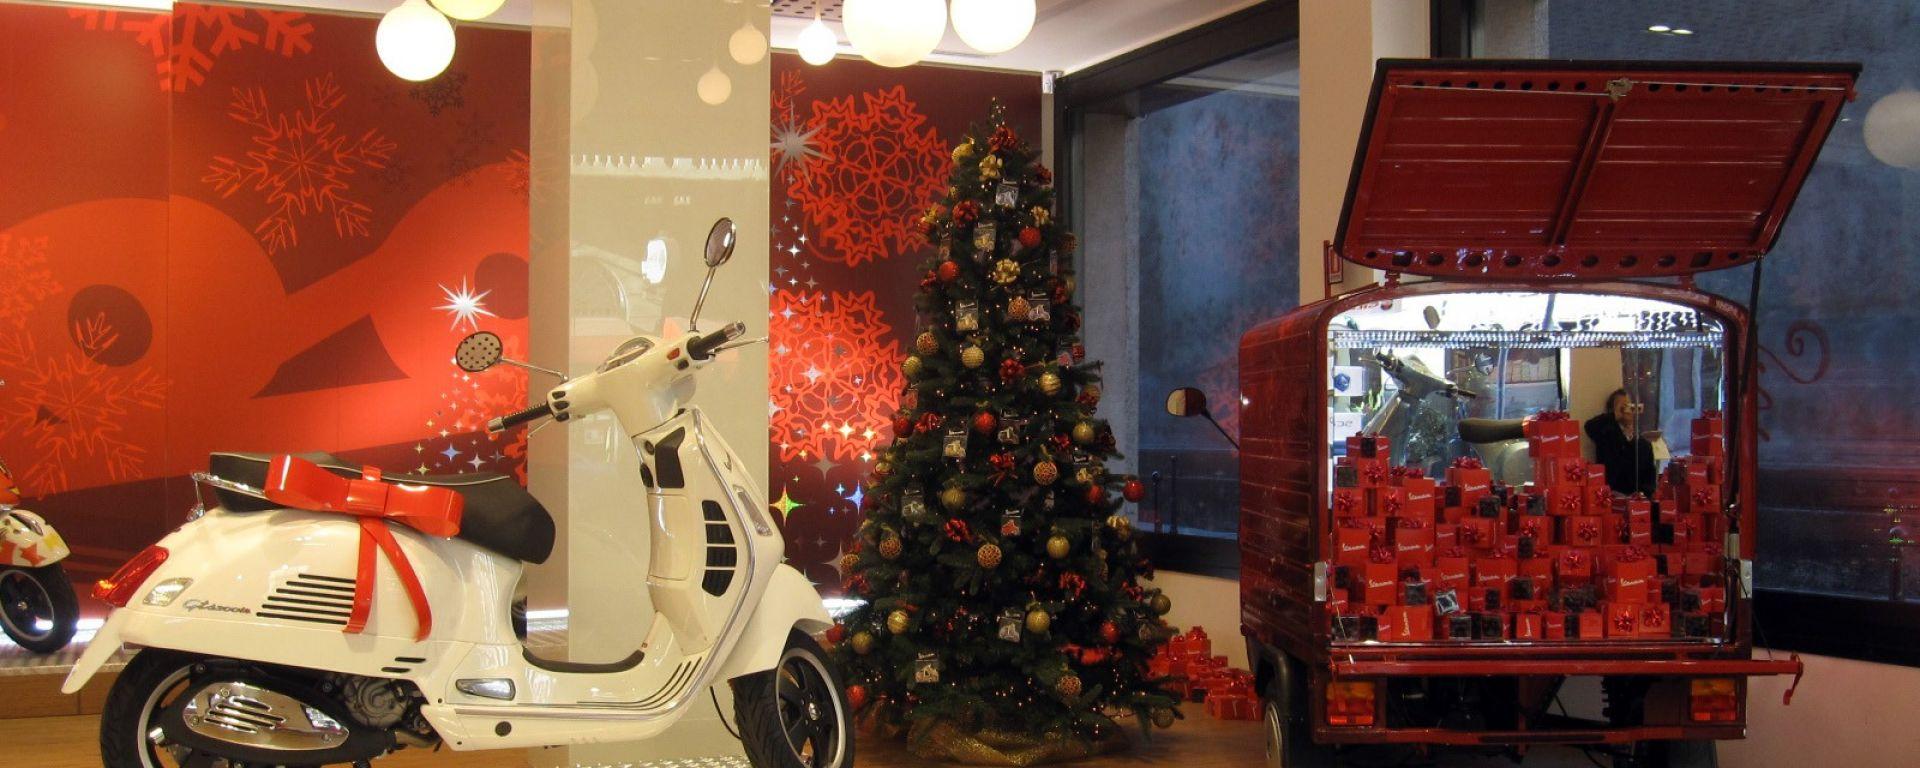 Natale in Vespa allo Spazio Broletto 13